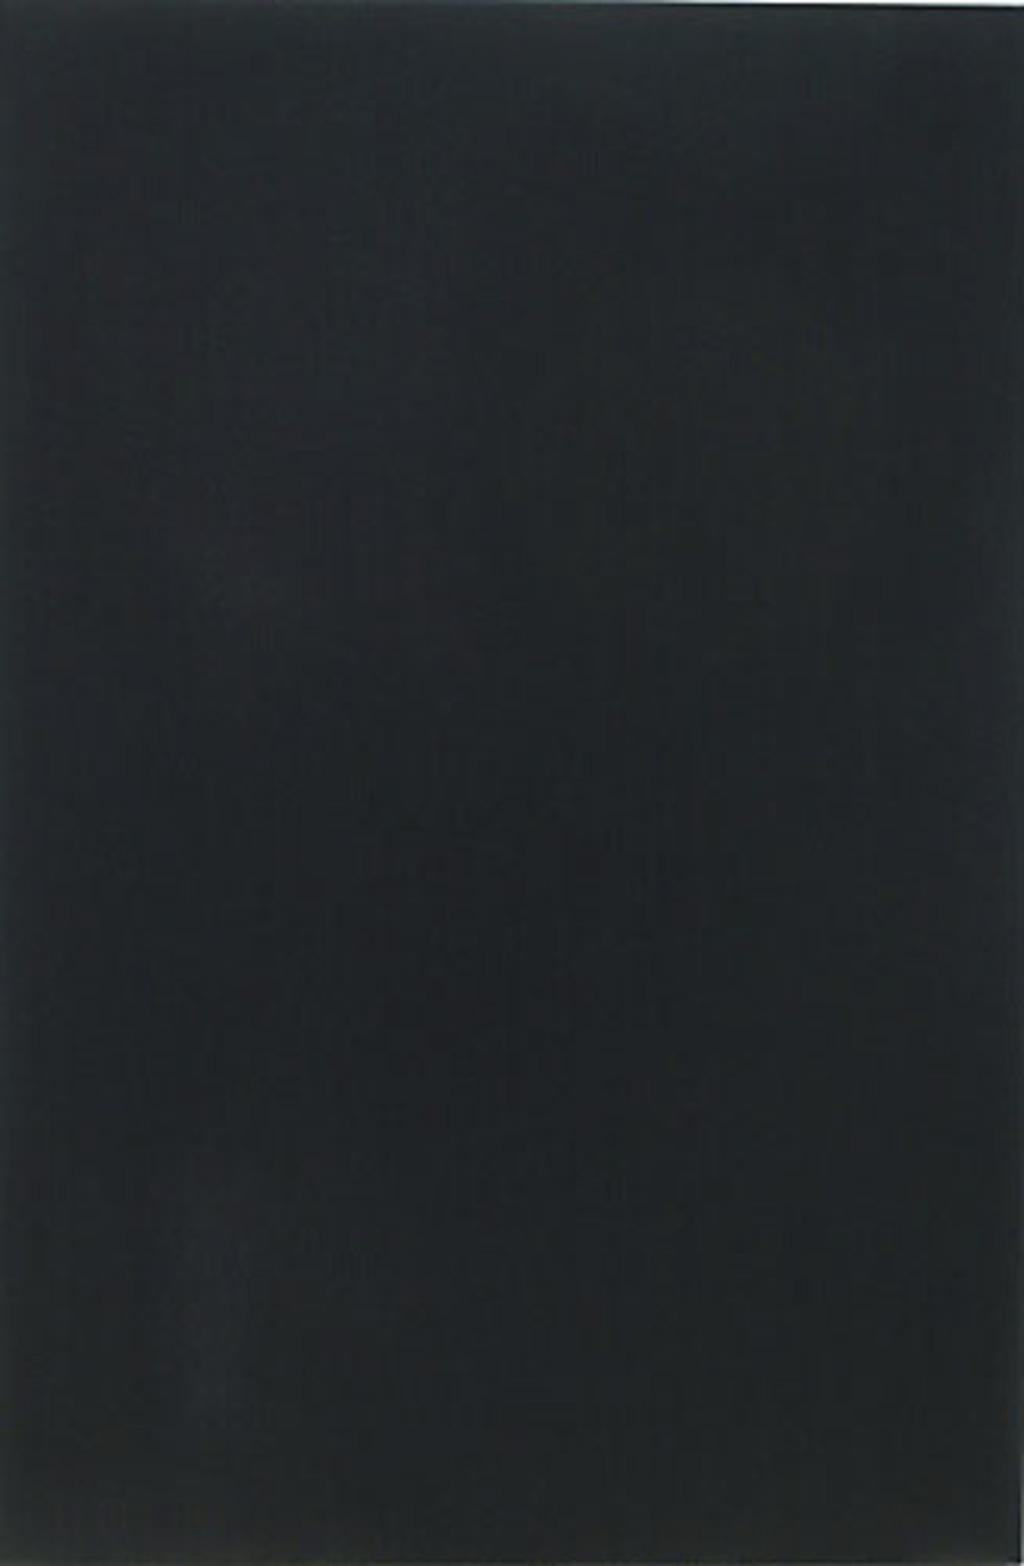 Grand Portrait noir